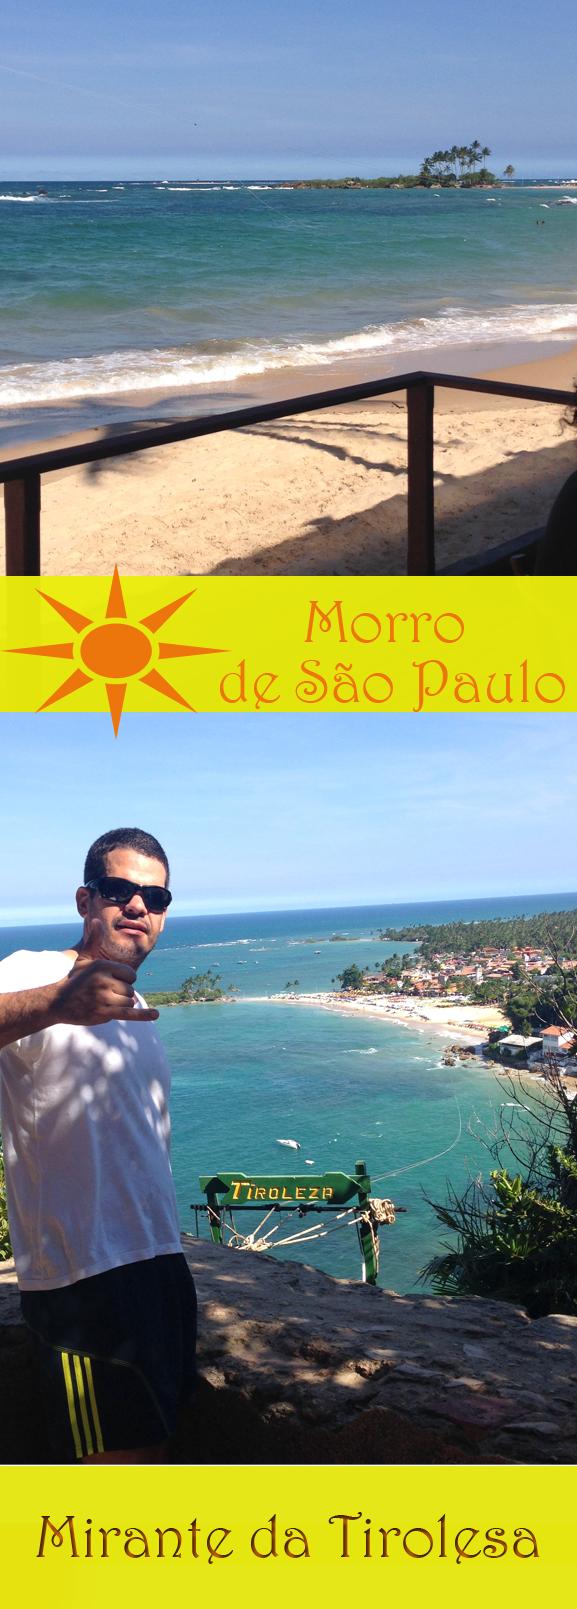 maridonacozinha_viagem_salvador_morrodesaopaulo1